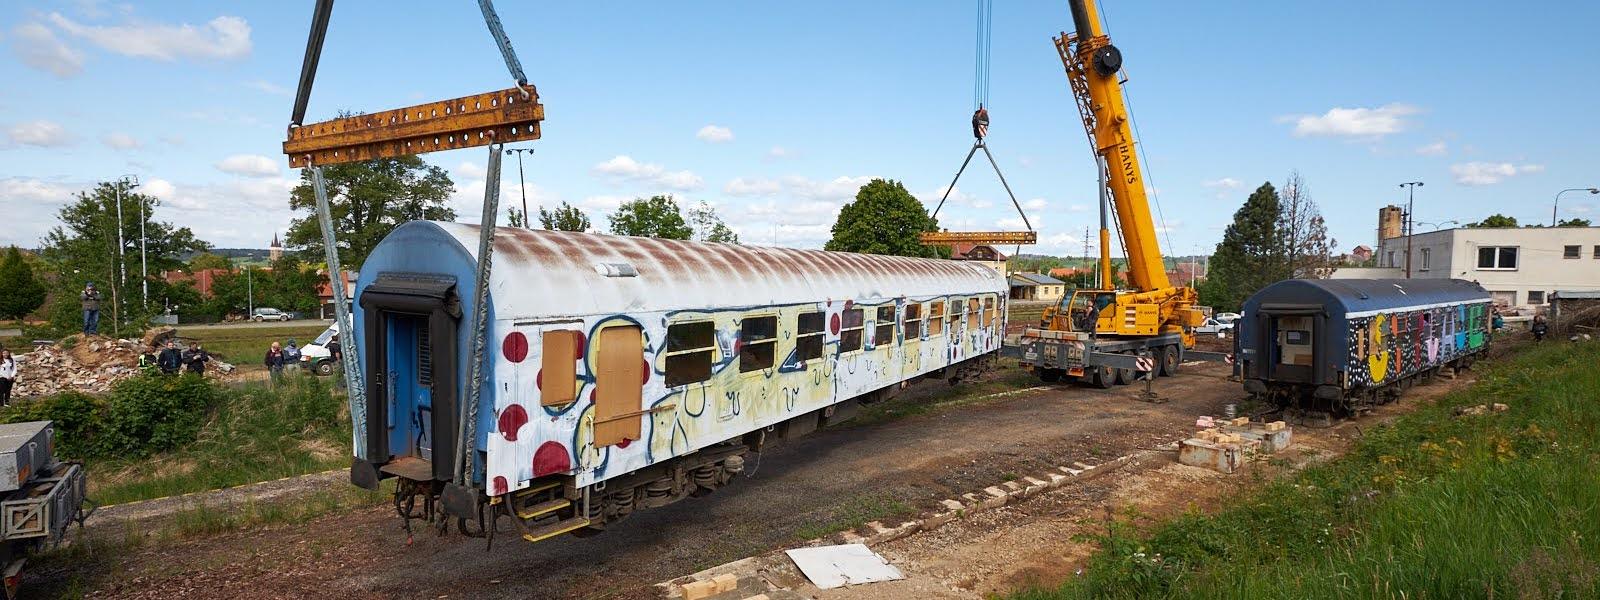 vlakfest lehatkove vozy lokomotiva prasatko